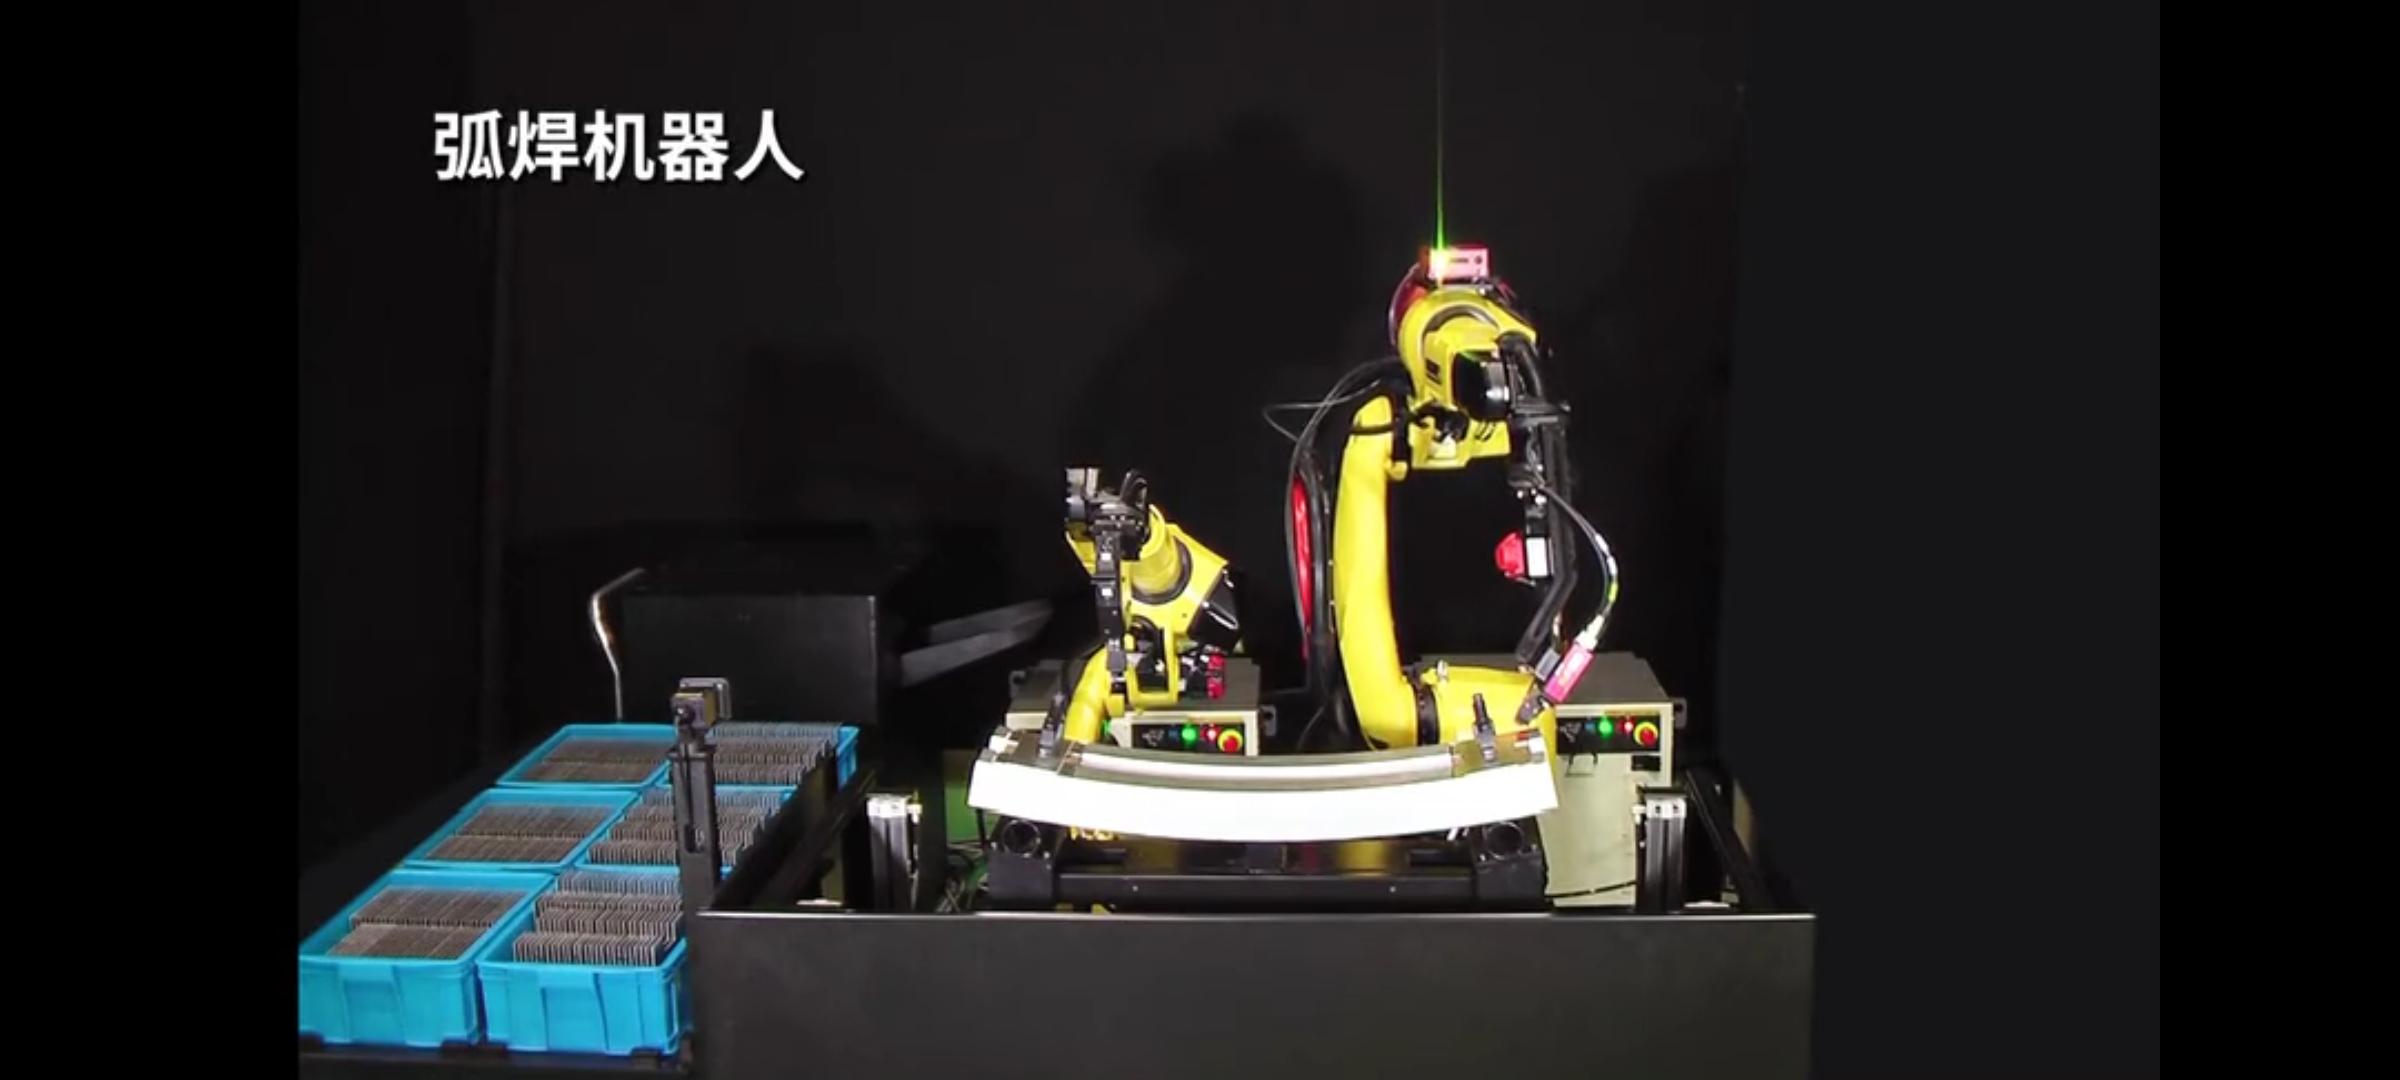 机器人柔性焊接工作站